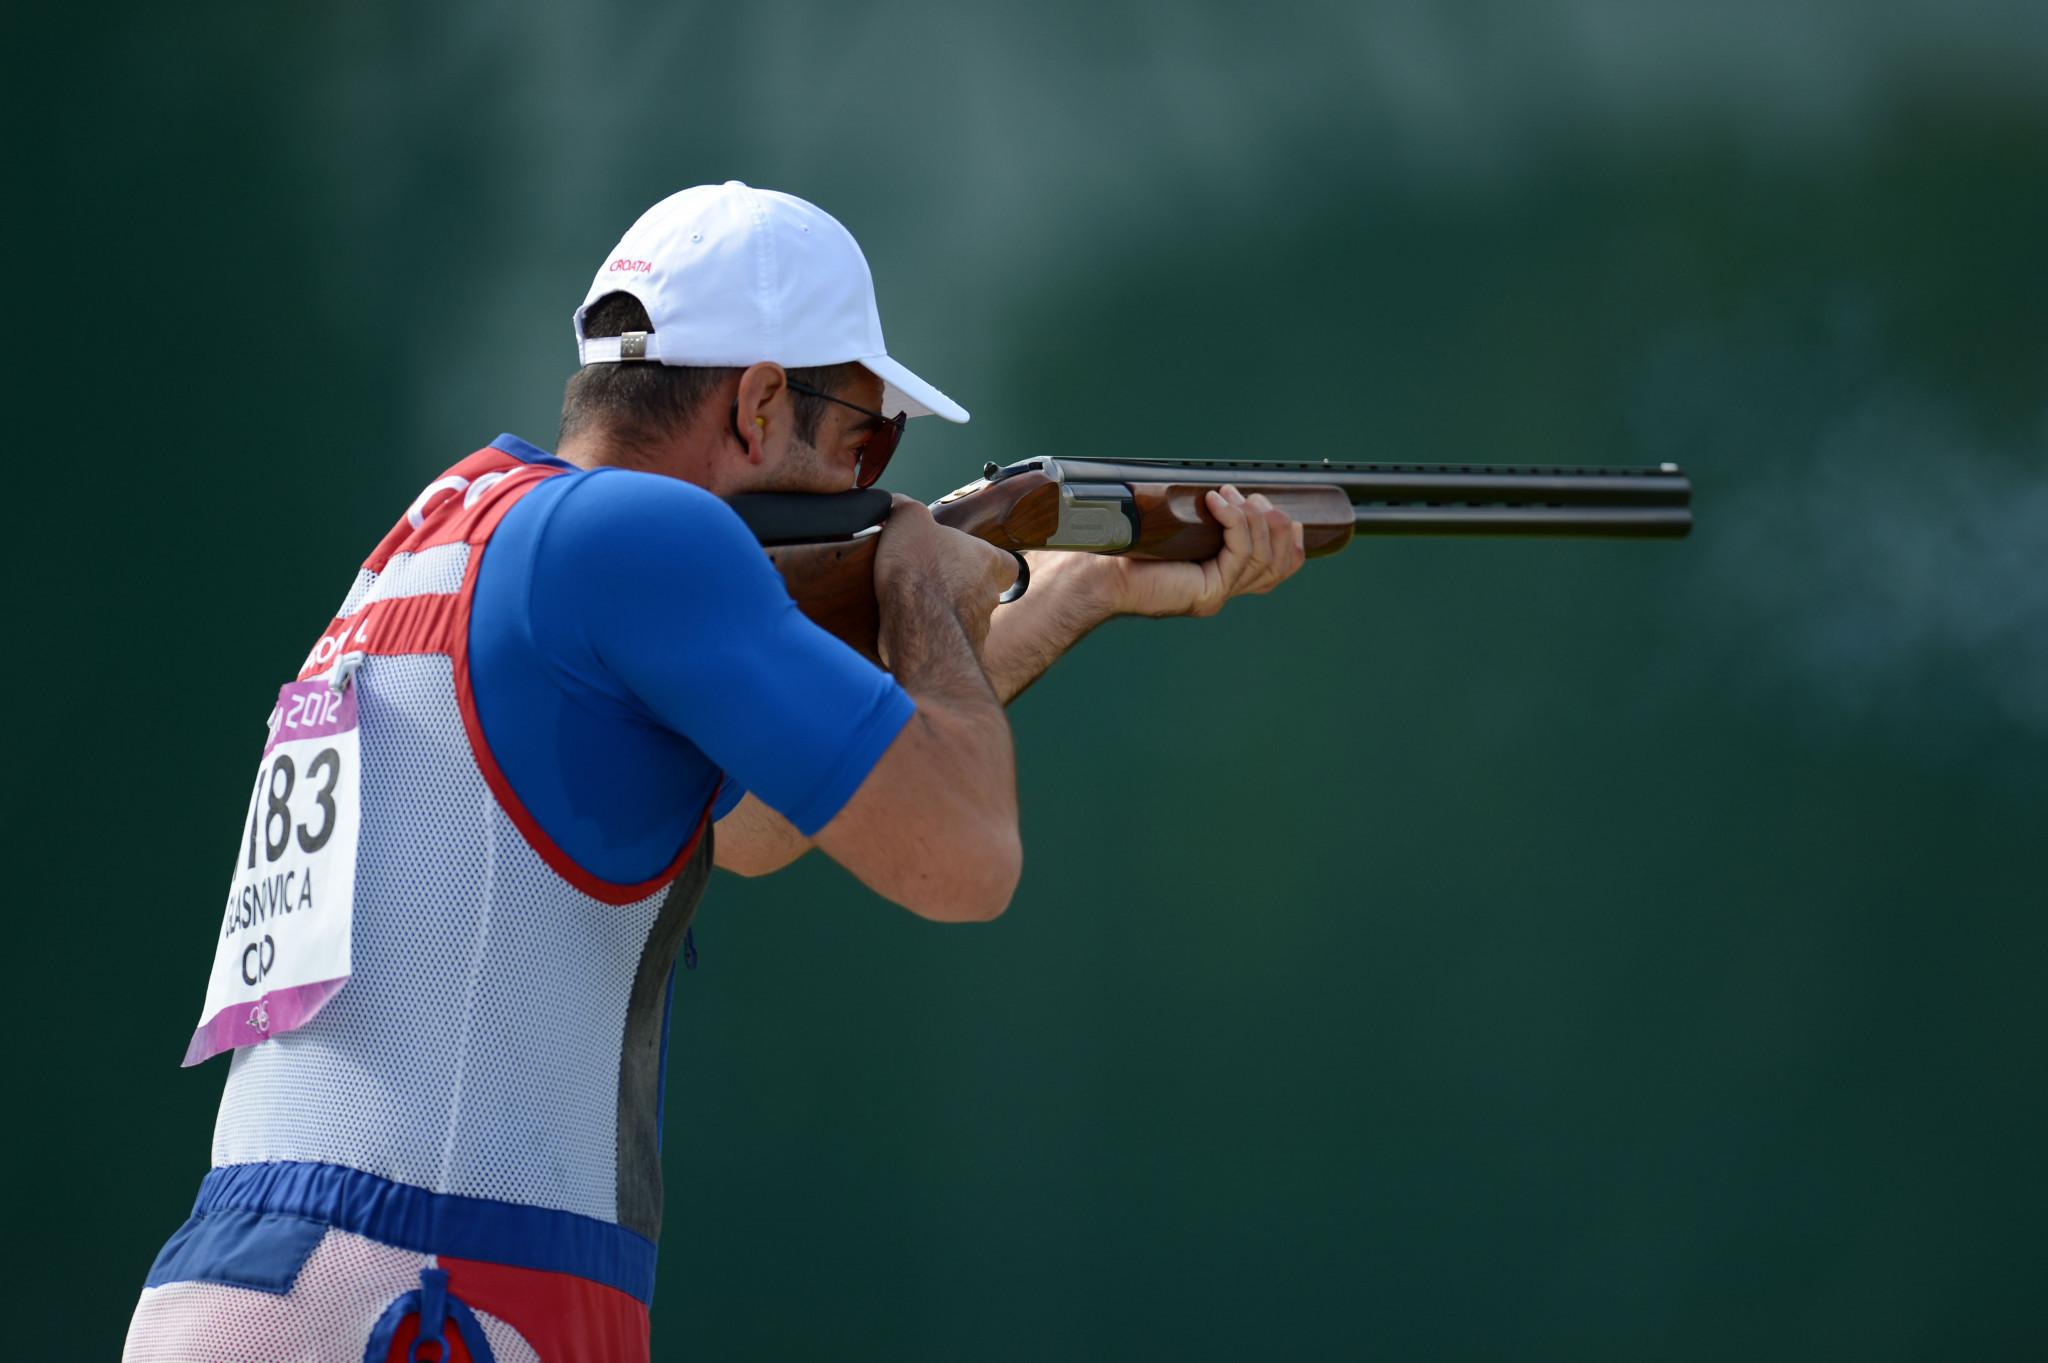 ساعد أنطون جلاسنوفيتش كرواتيا على هزيمة روسيا في نهائي فريق الرجال المصيدة © Getty Images